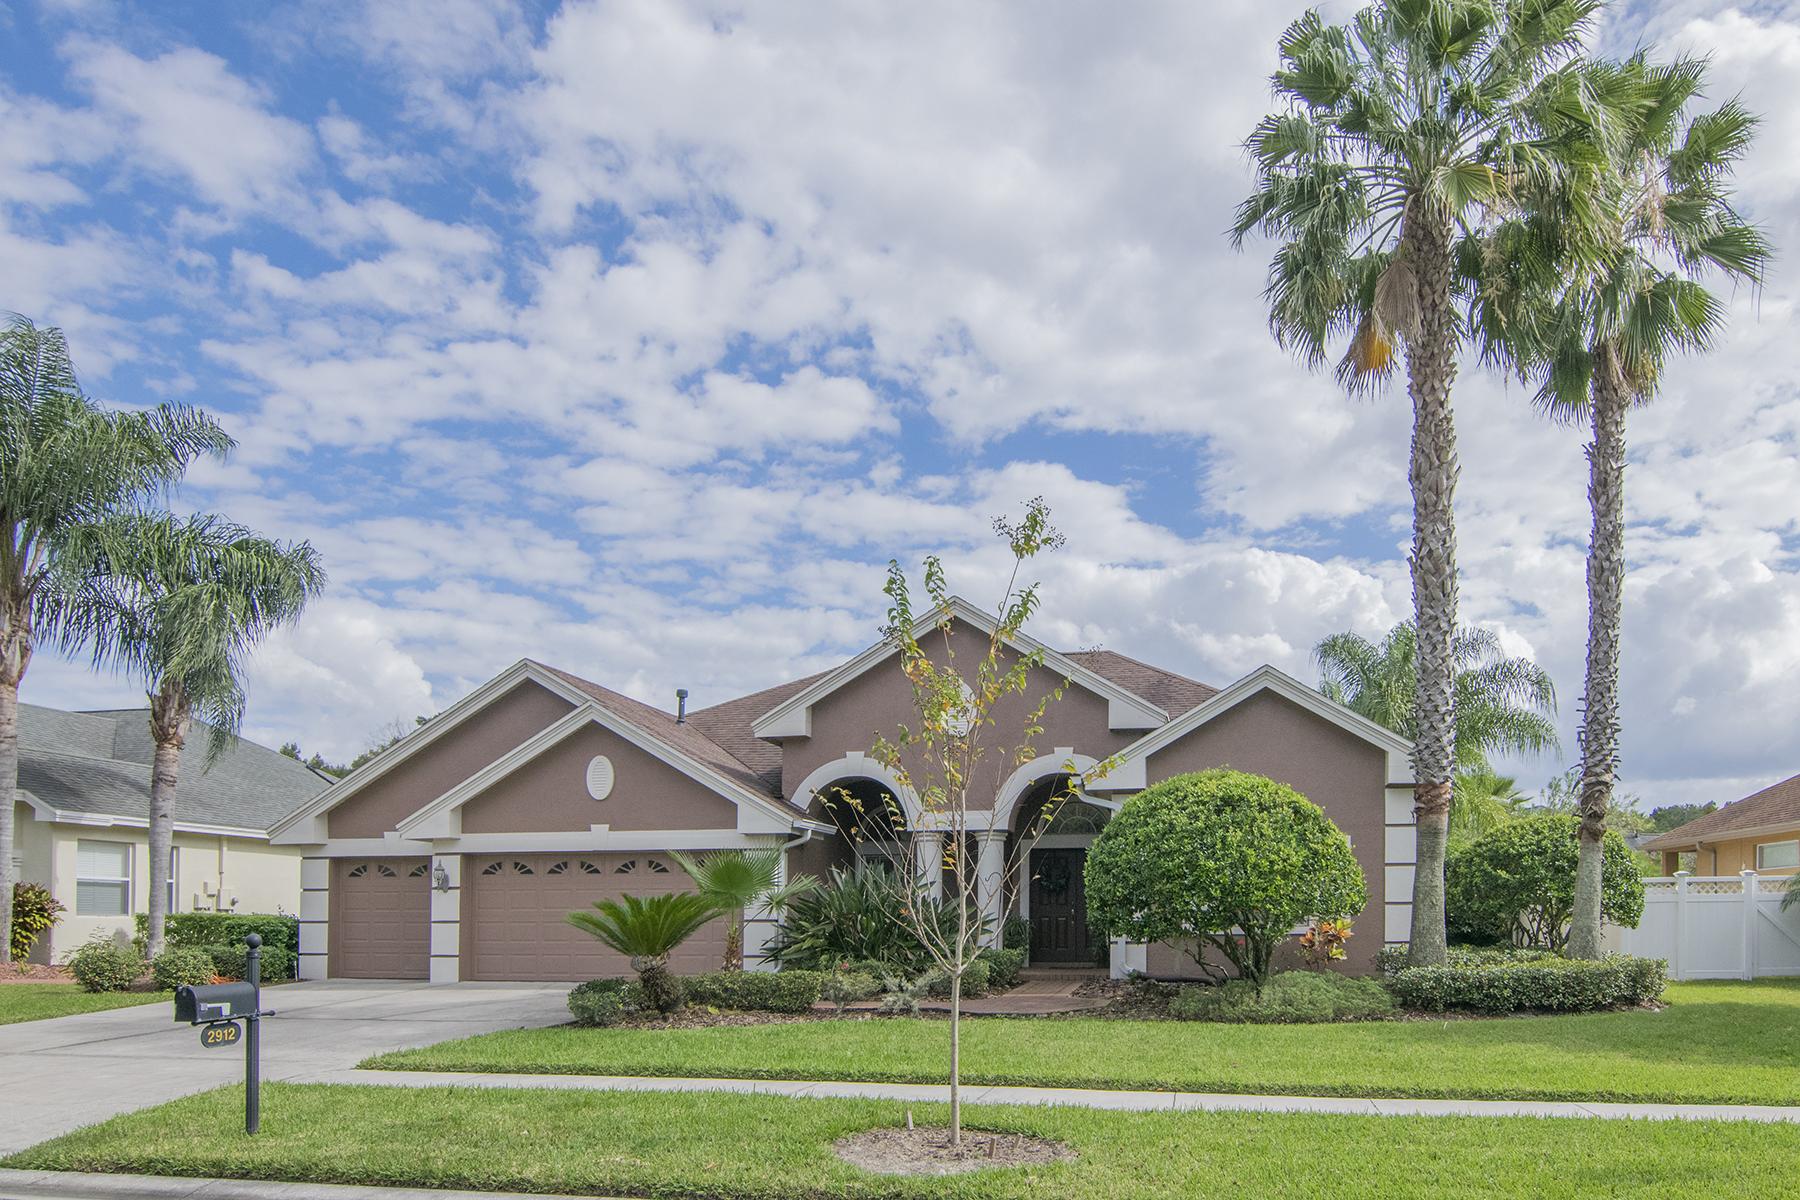 一戸建て のために 売買 アット WESLEY CHAPEL 2912 Big Cypress Way Wesley Chapel, フロリダ, 33544 アメリカ合衆国